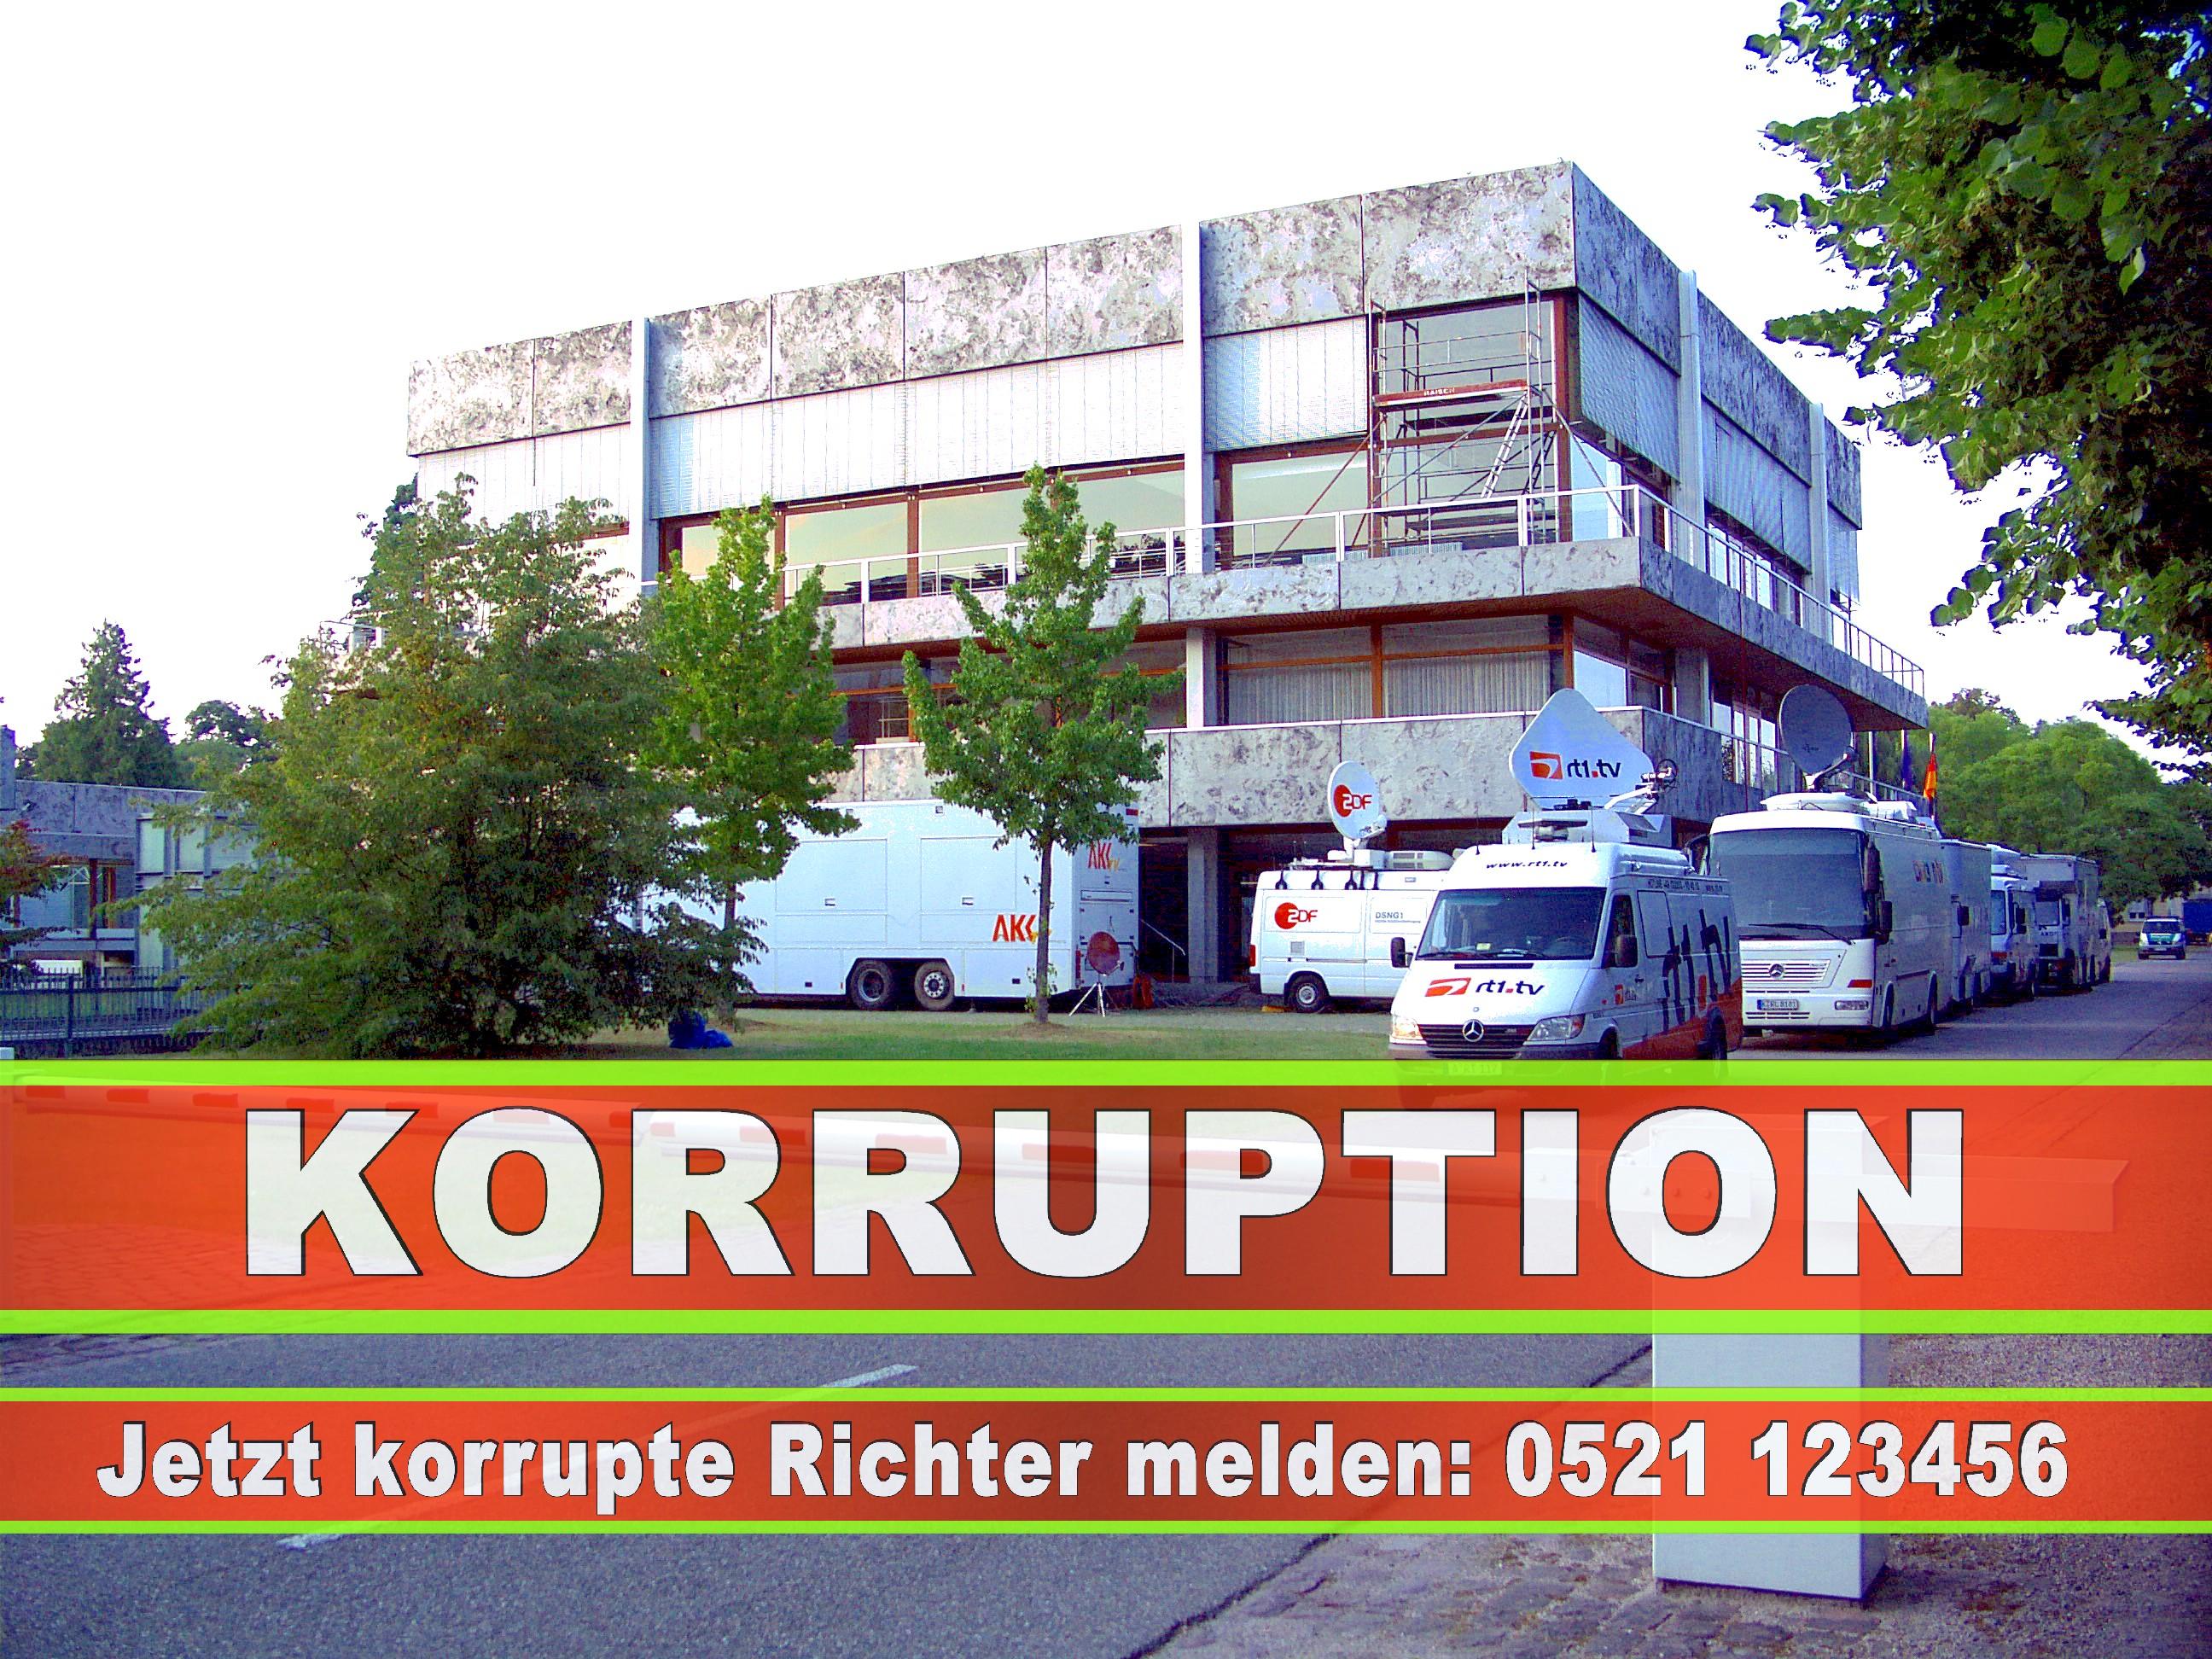 Bundesverfassungsgericht Karlsruhe Richter Korruption Aufgaben Urteile Termine Anfahrt Bilder Fotos Adresse Telefon 3